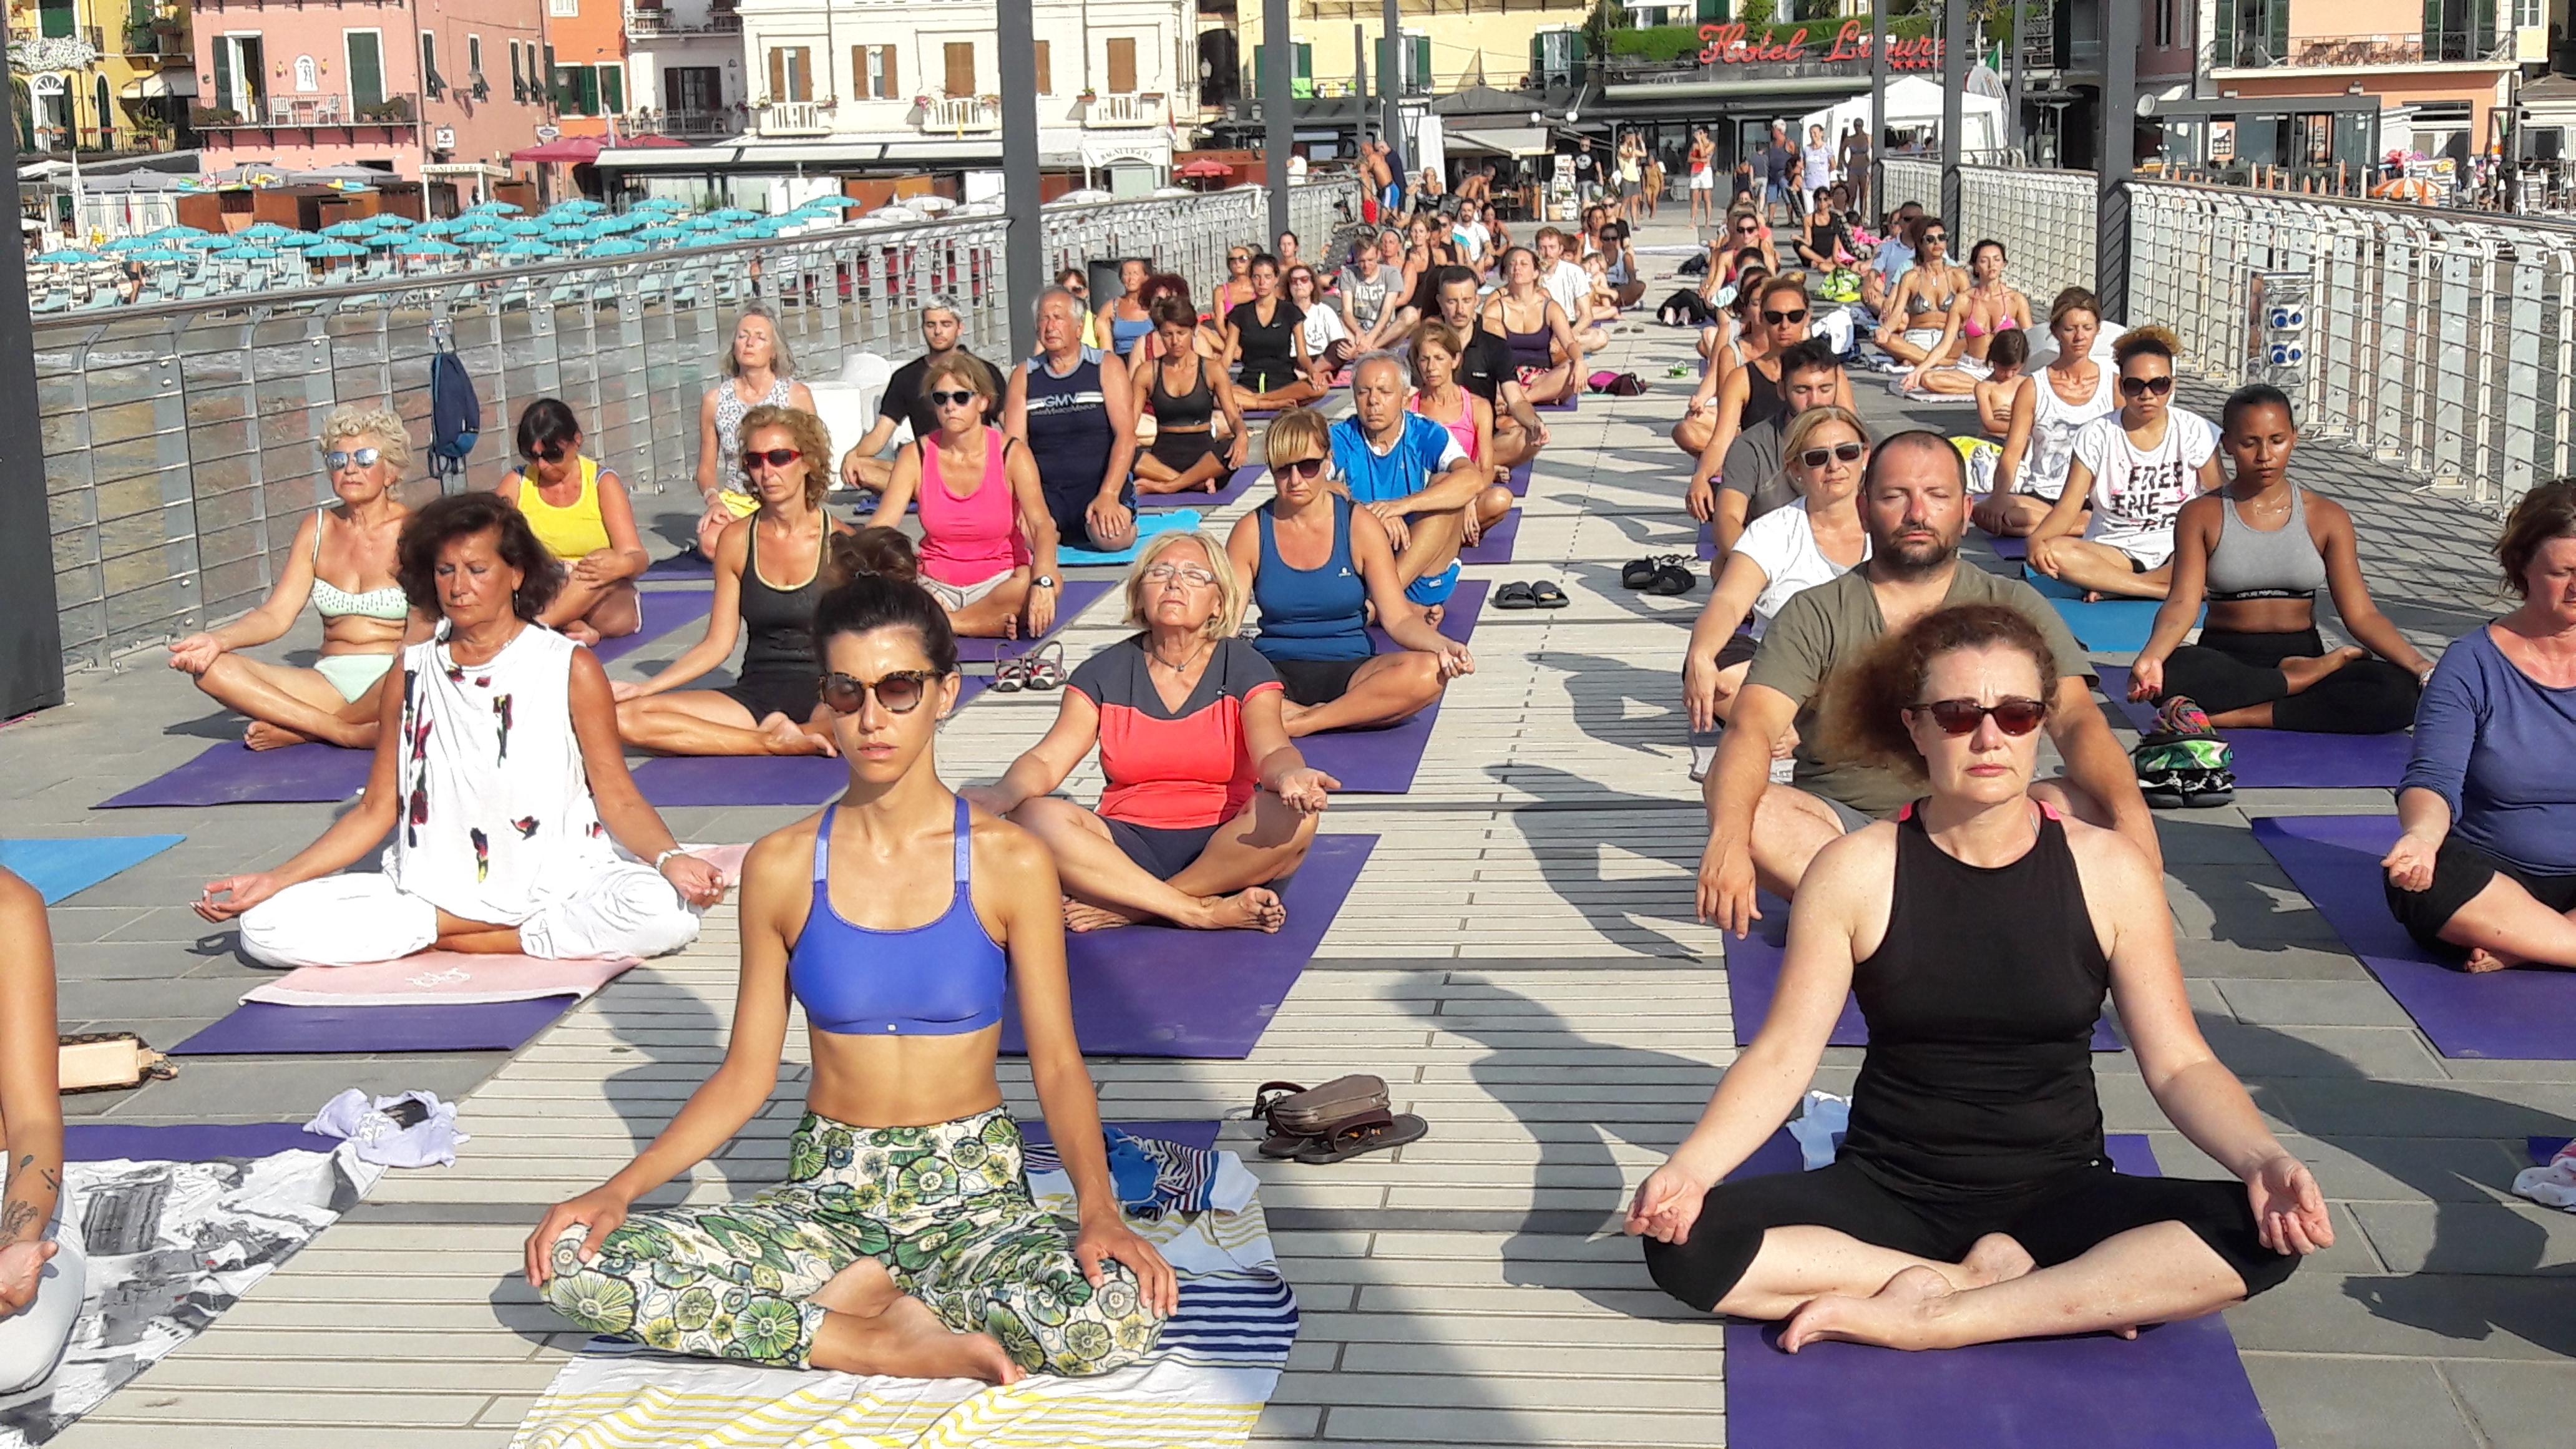 1_essere-free-yoga-gratuito-benessere-per-tutti-village-citta-alassio-estate-lucia-ragazzi-summer-town-wellness-110